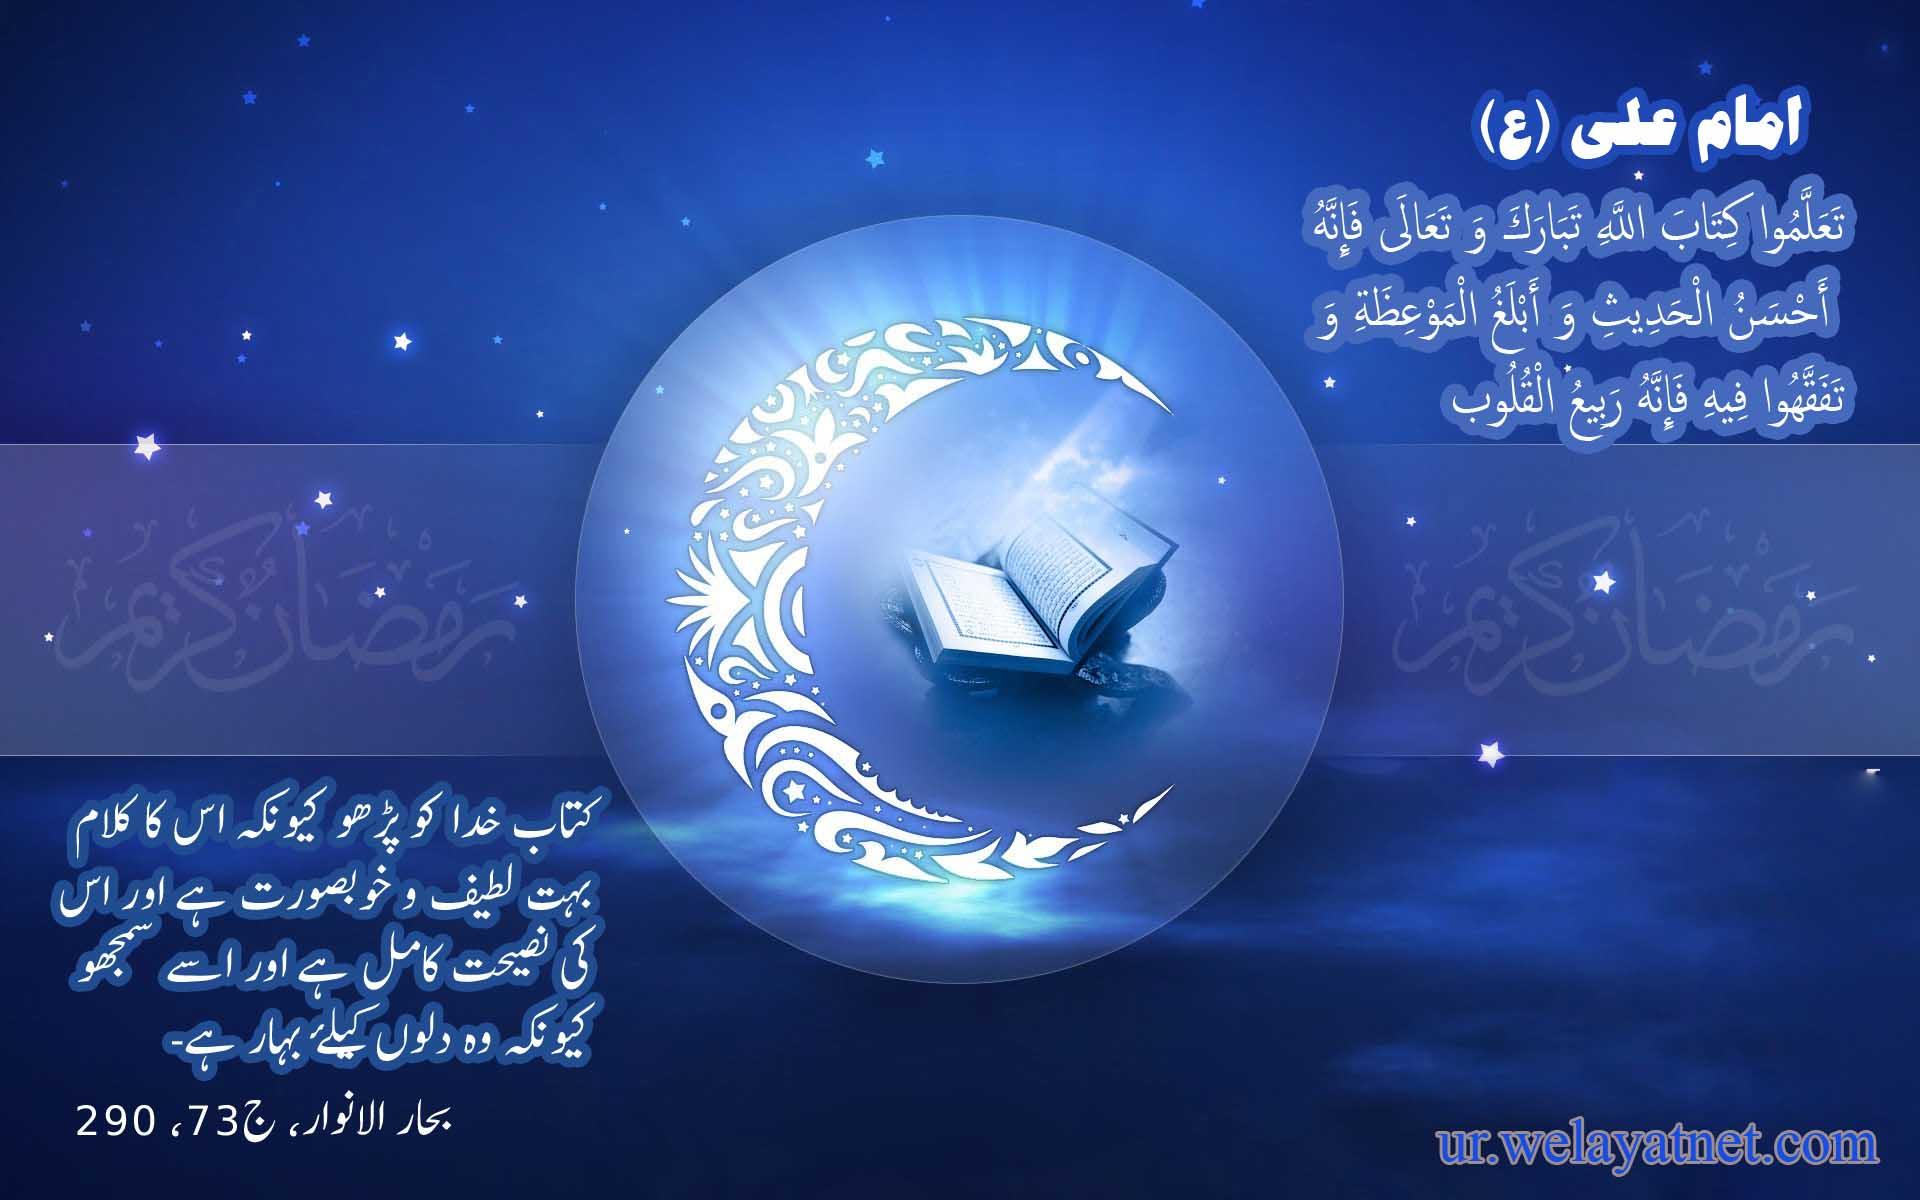 ماہ مبارک رمضان اور ہماری ذمہ داریاں